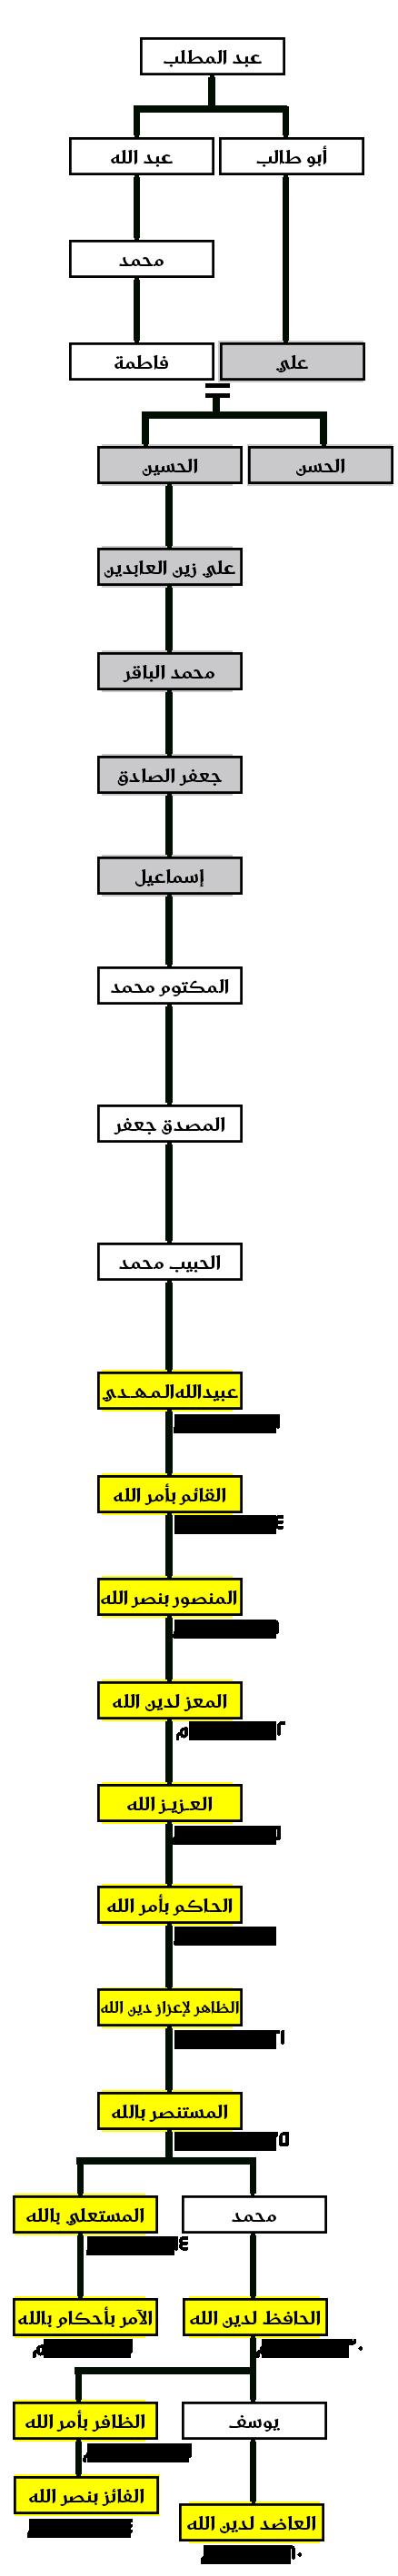 شجرة نسب الفاطميين بحسب ما هو شائع ومُتداول